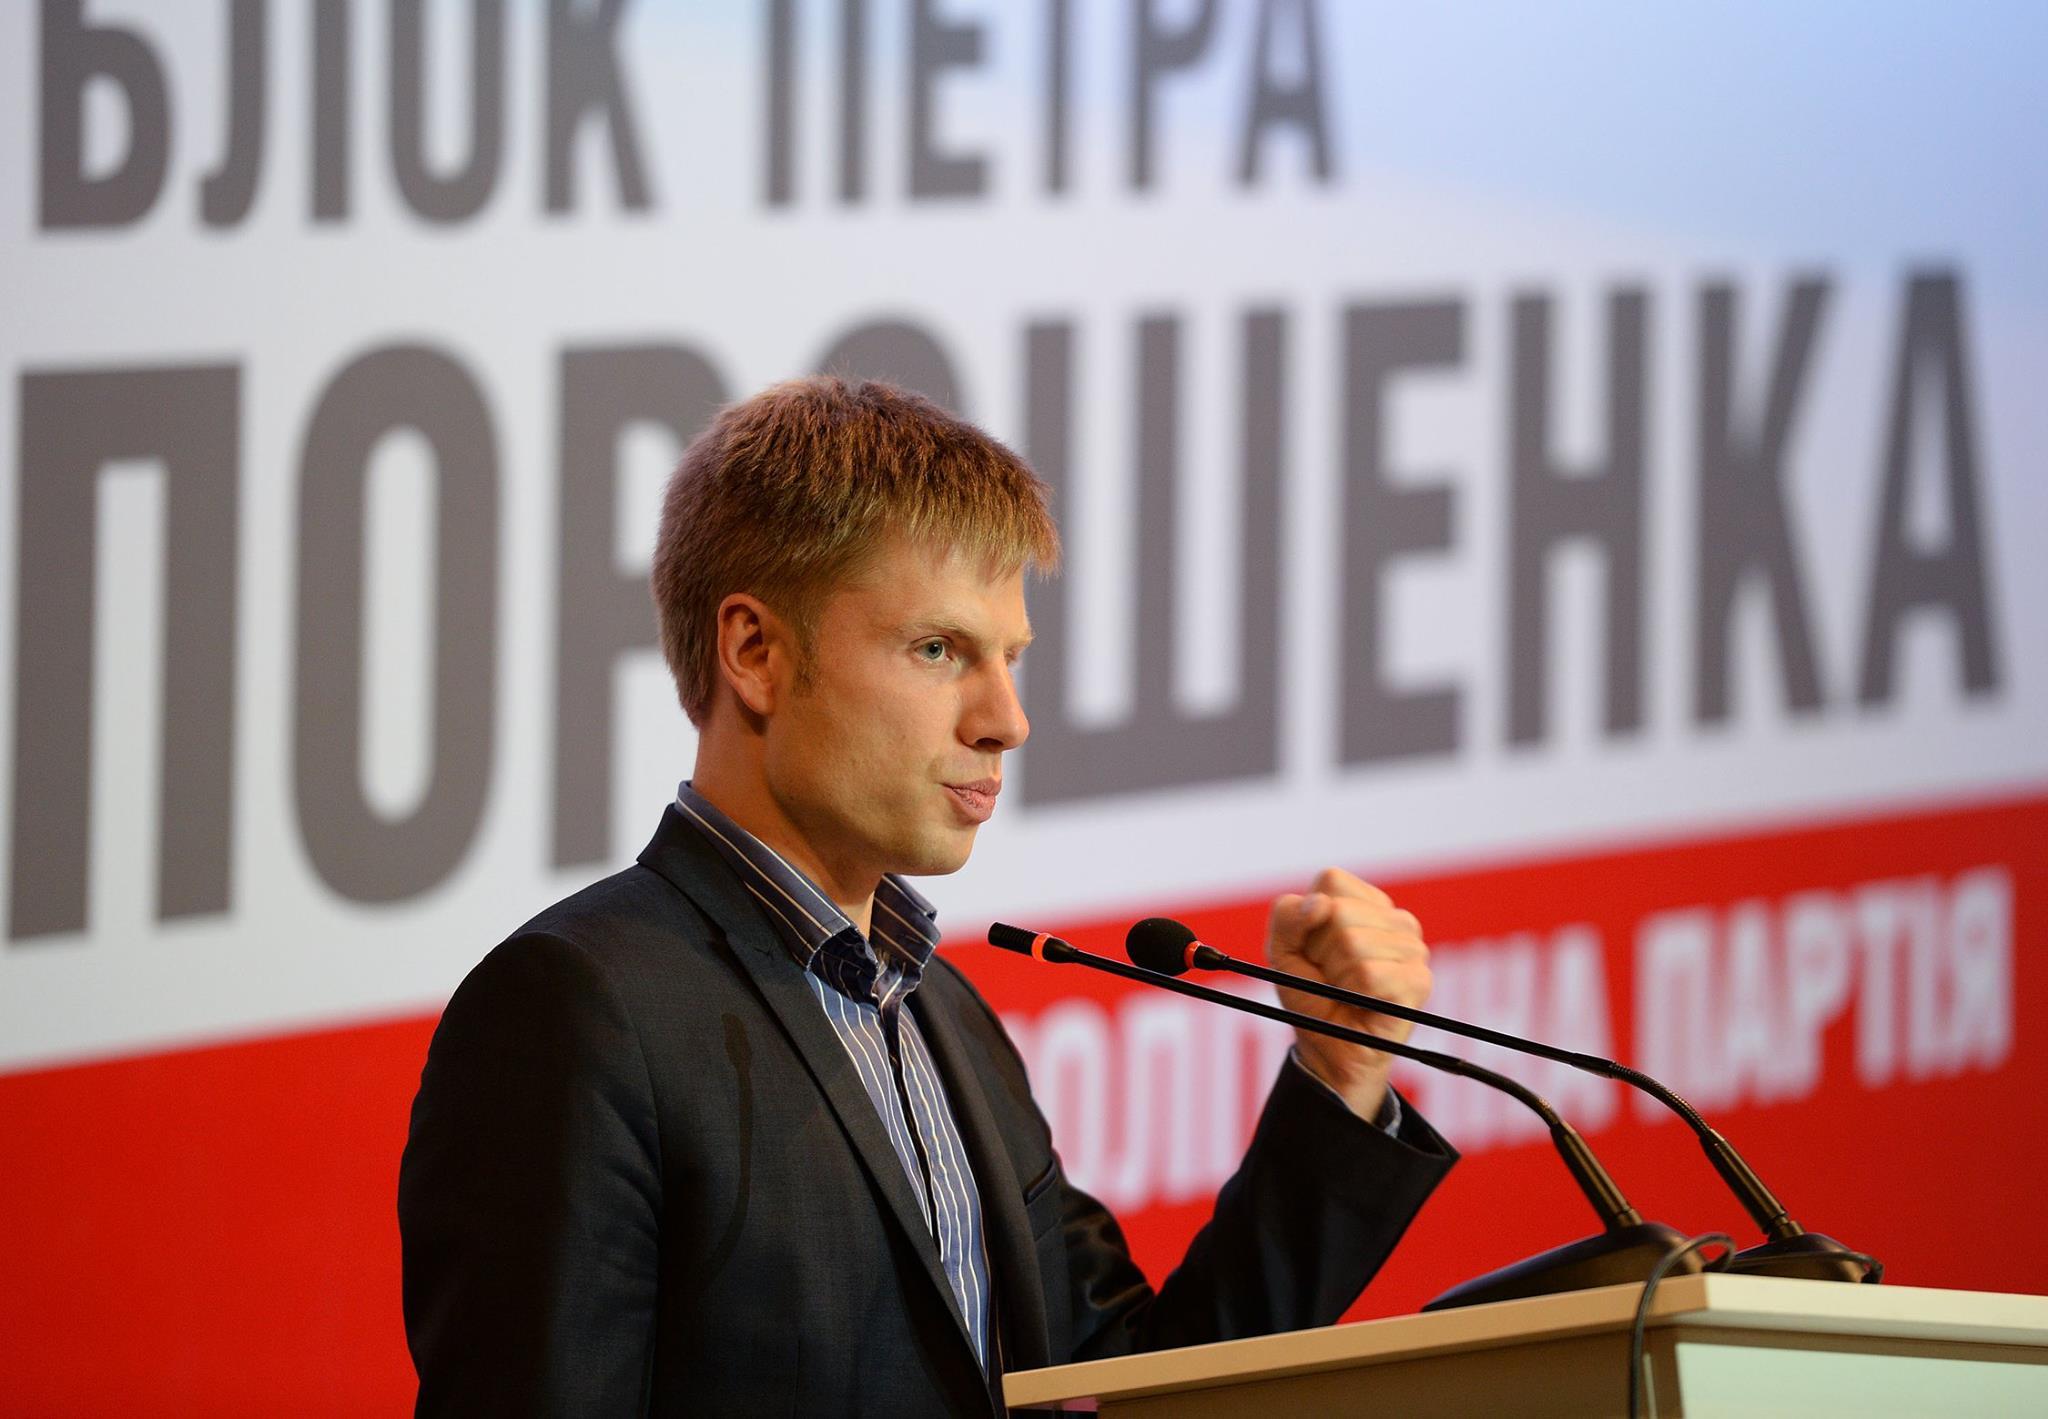 Анатолий Вассерман: Украинцы на Украине – это совершенно ничтожное меньшинство